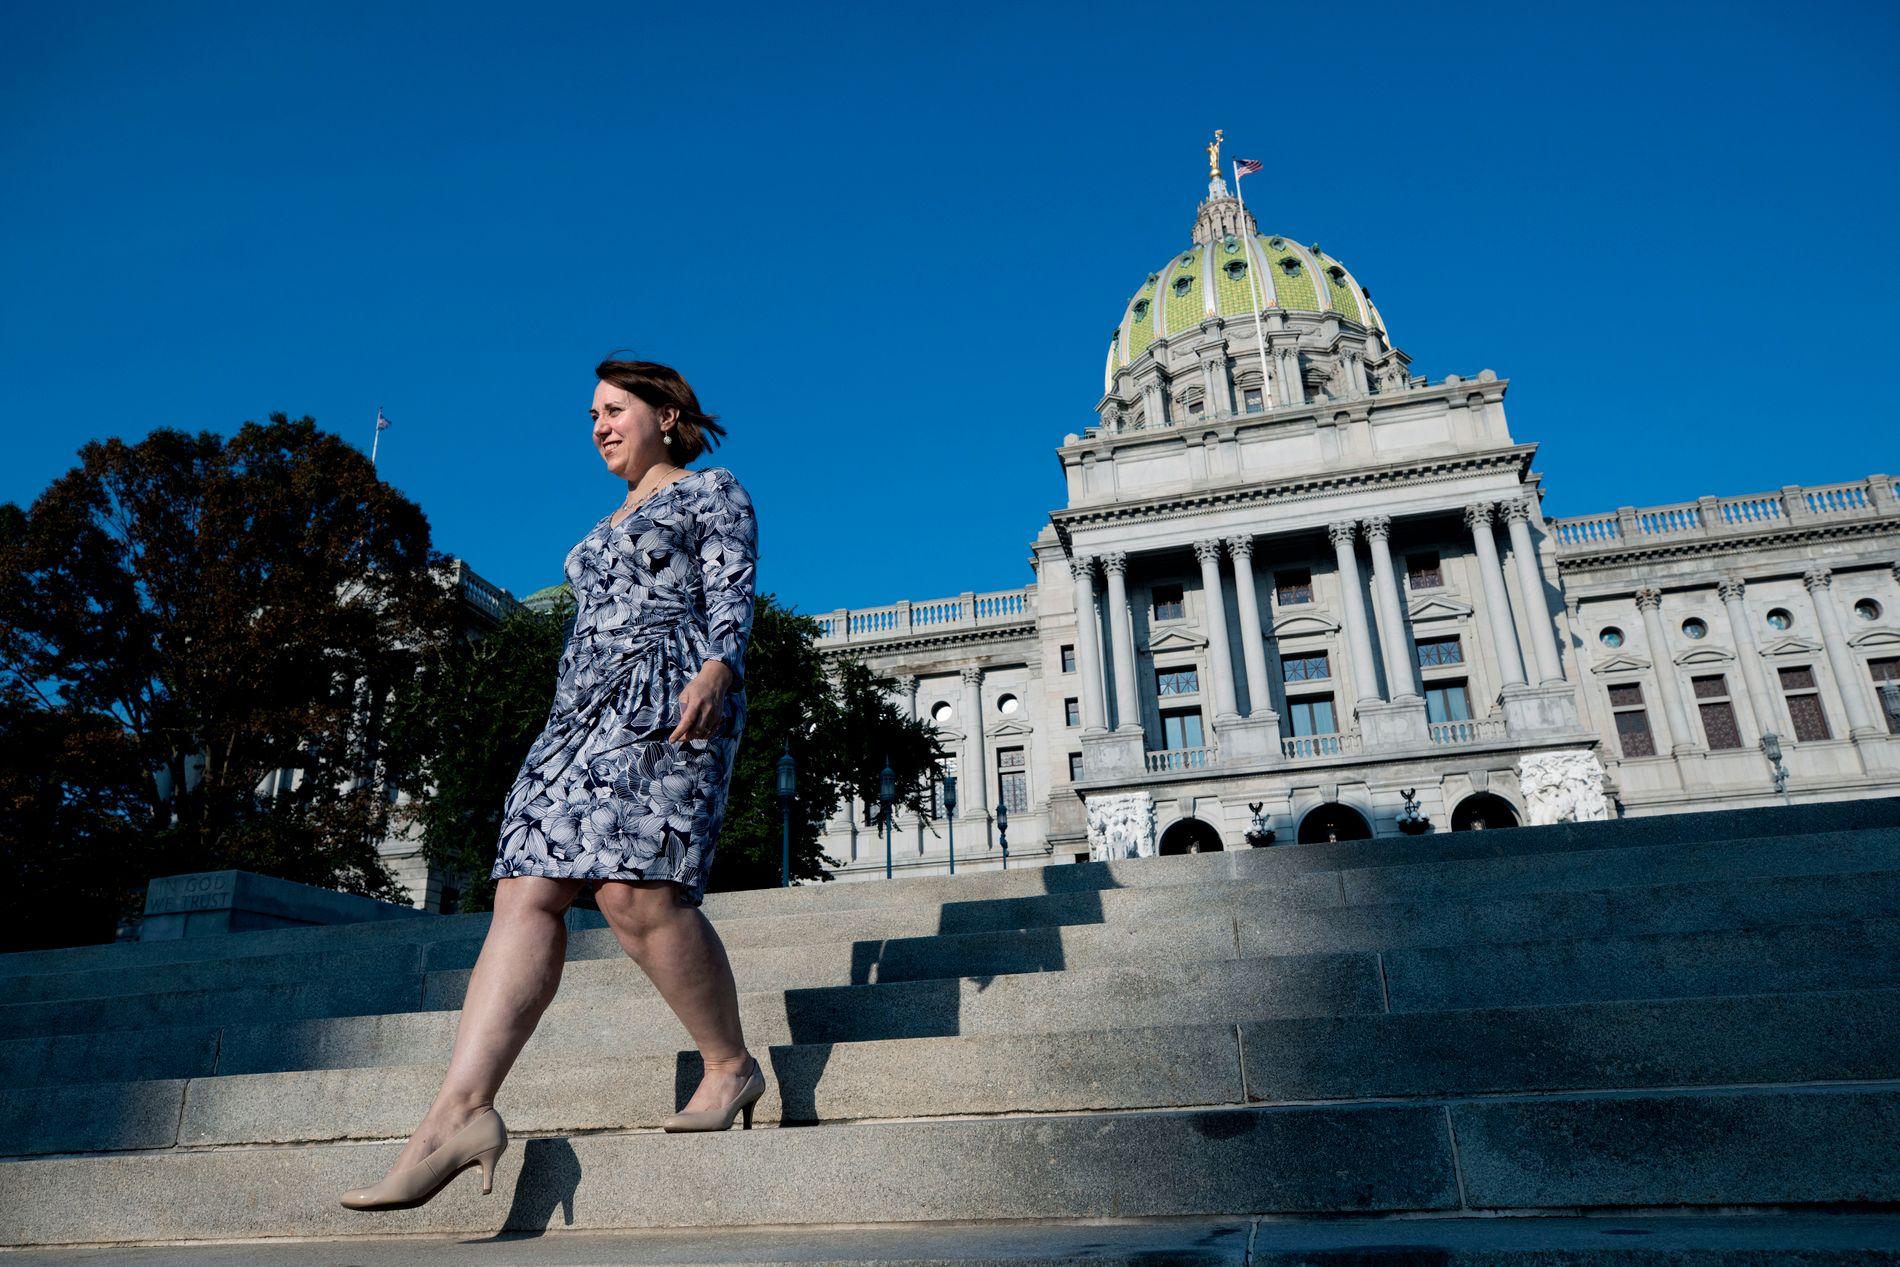 GODE TIDER: Rebecca Oyler forsøker å påvirke lokalpolitikerne i Pennsylvania til å ta enda flere grep for å beskytte og belønne småbedriftseiere.